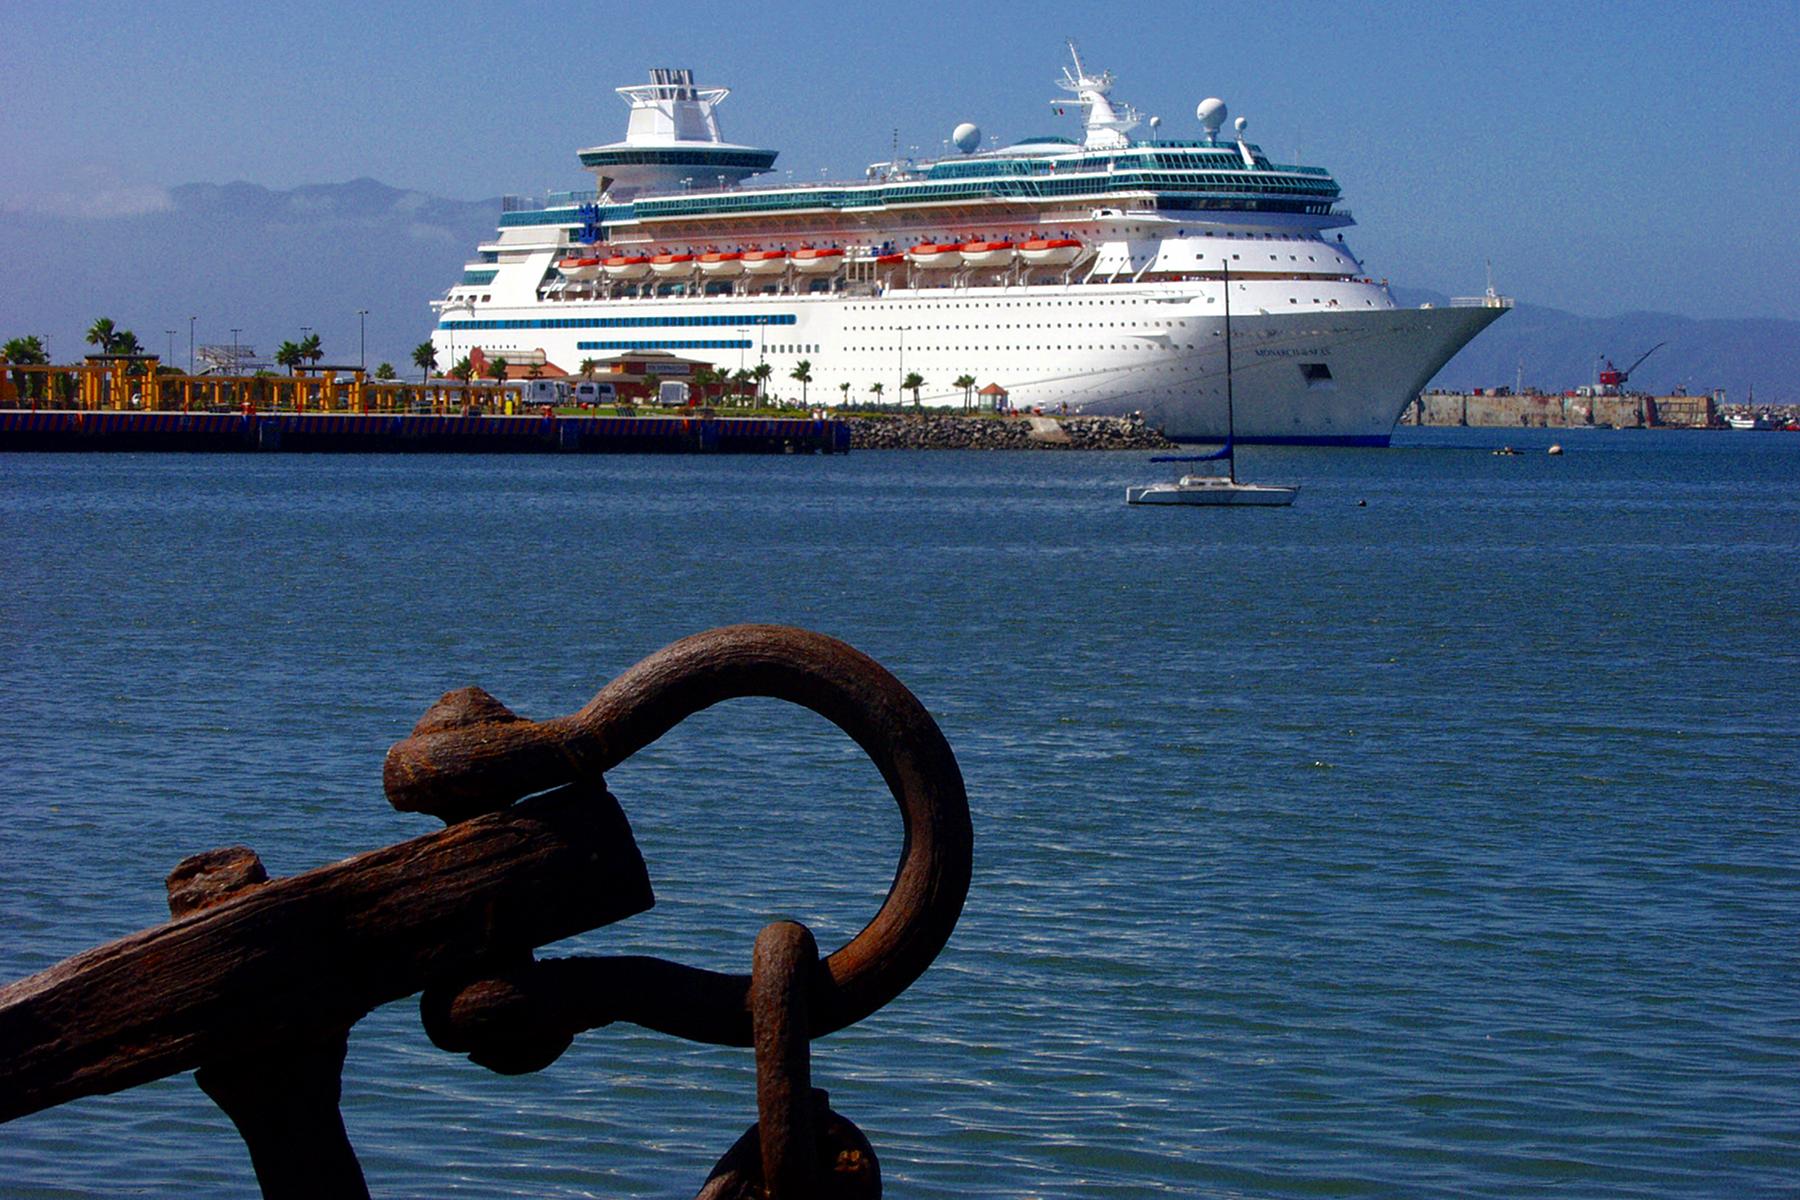 Ensenada Mexico Cruise Port Cruiselinecom - Cruise to ensenada